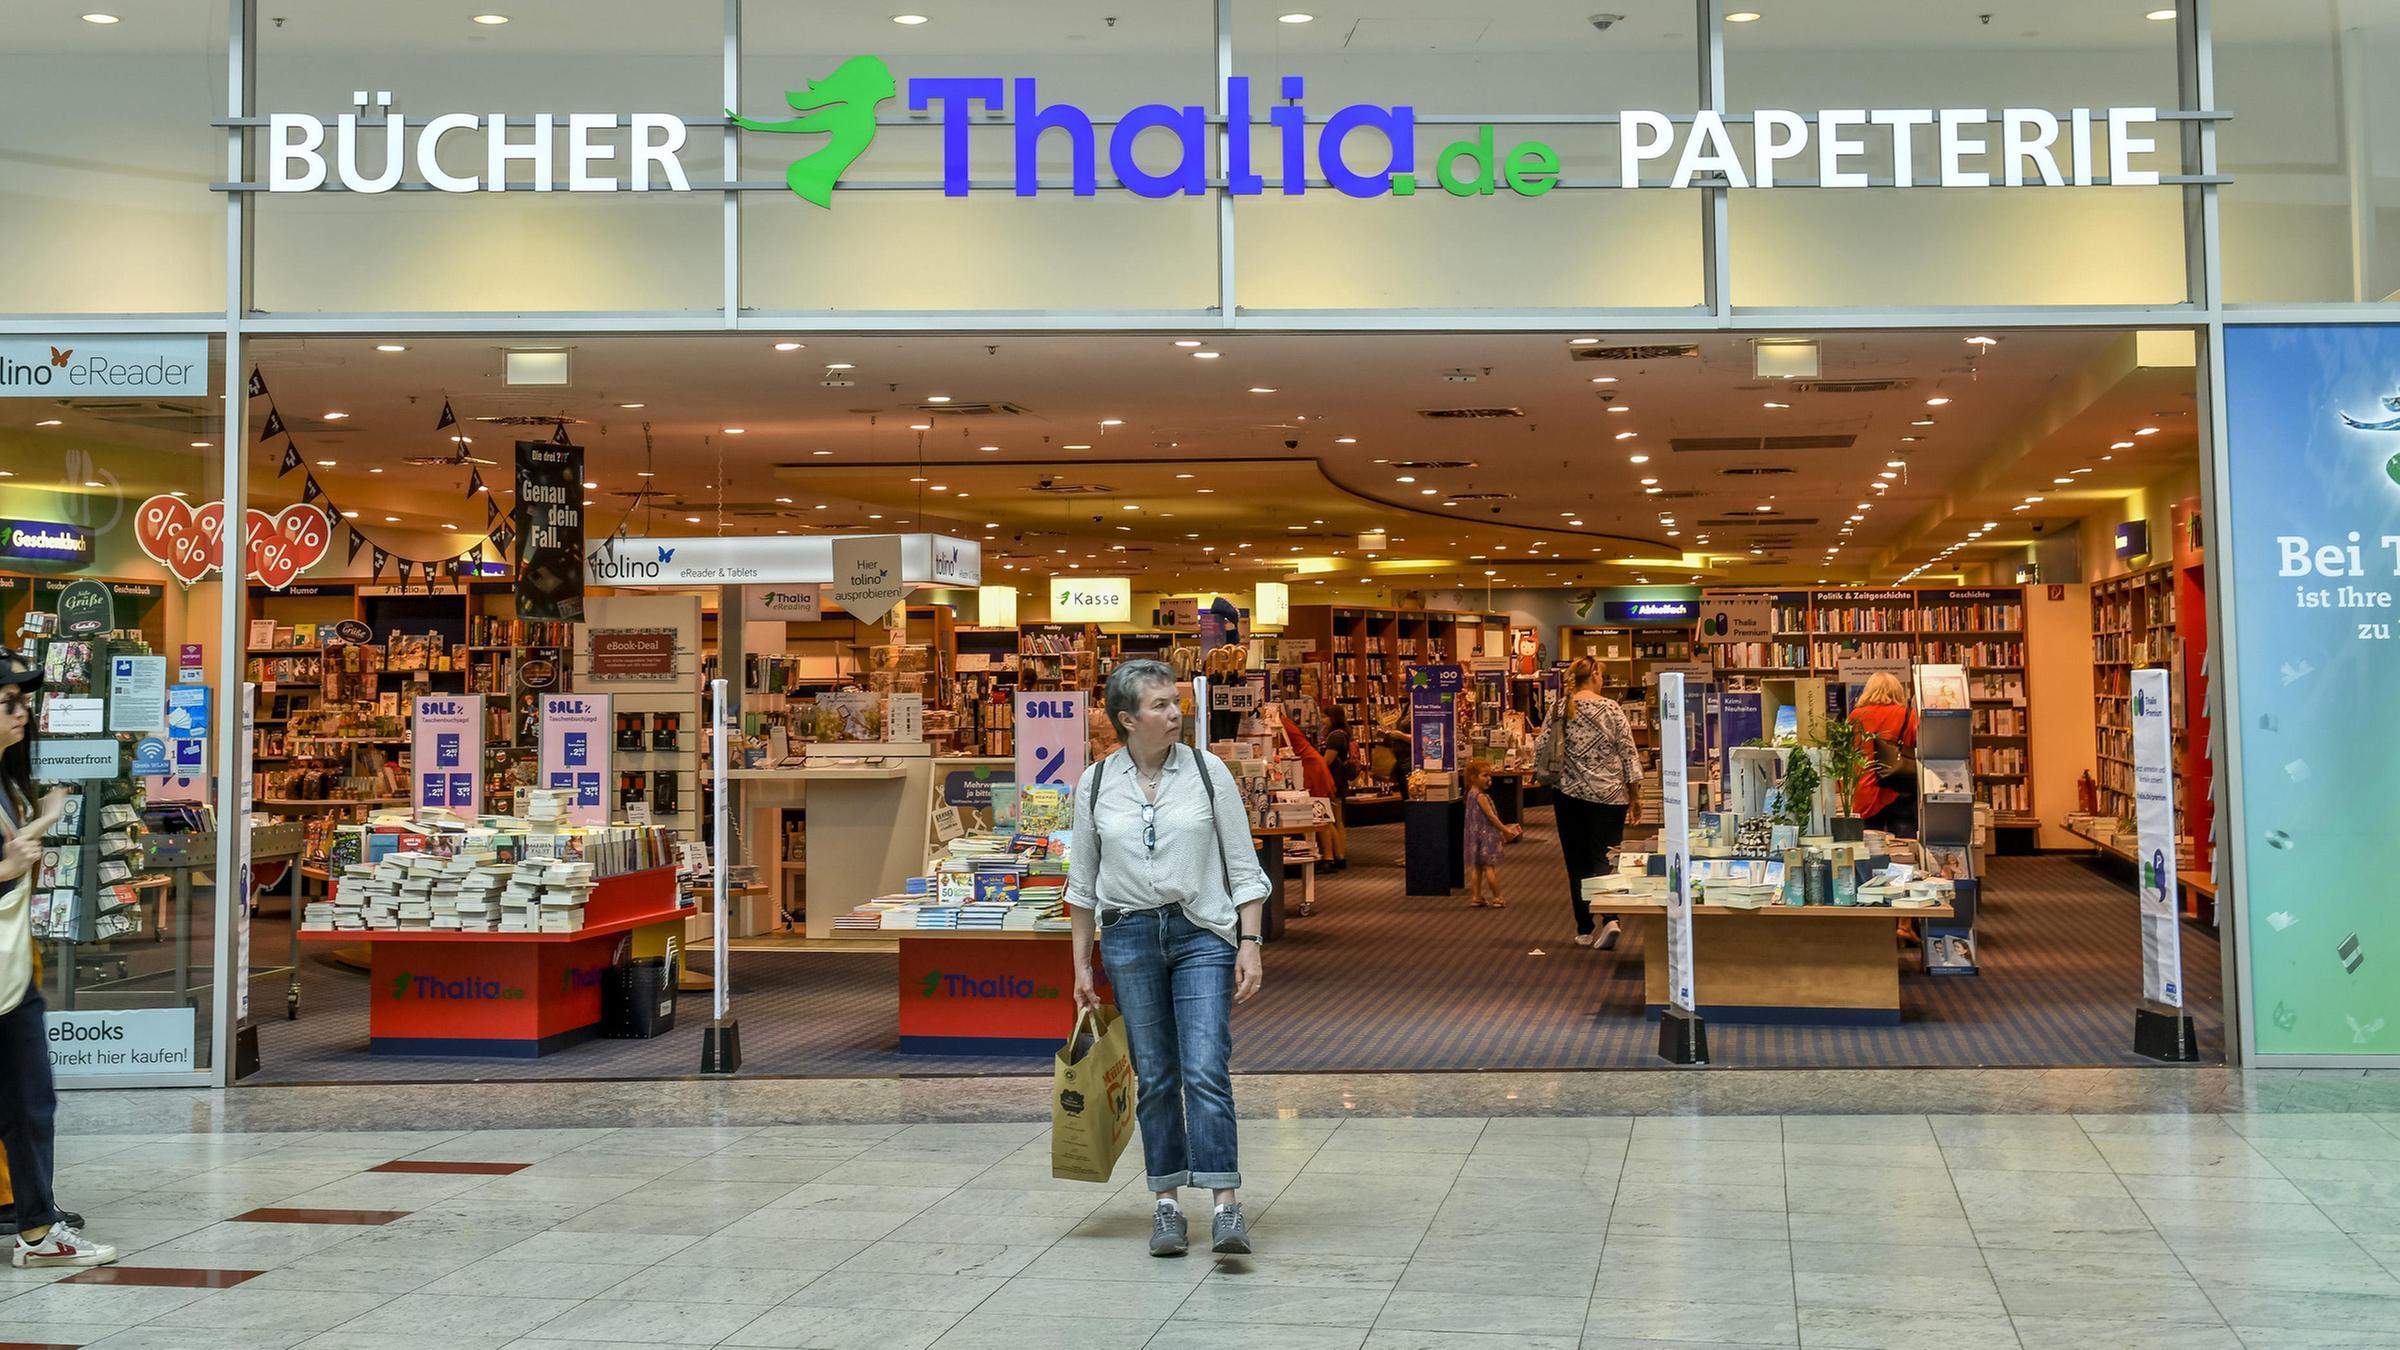 Eine Thalia-Buchhandlung in Bremen